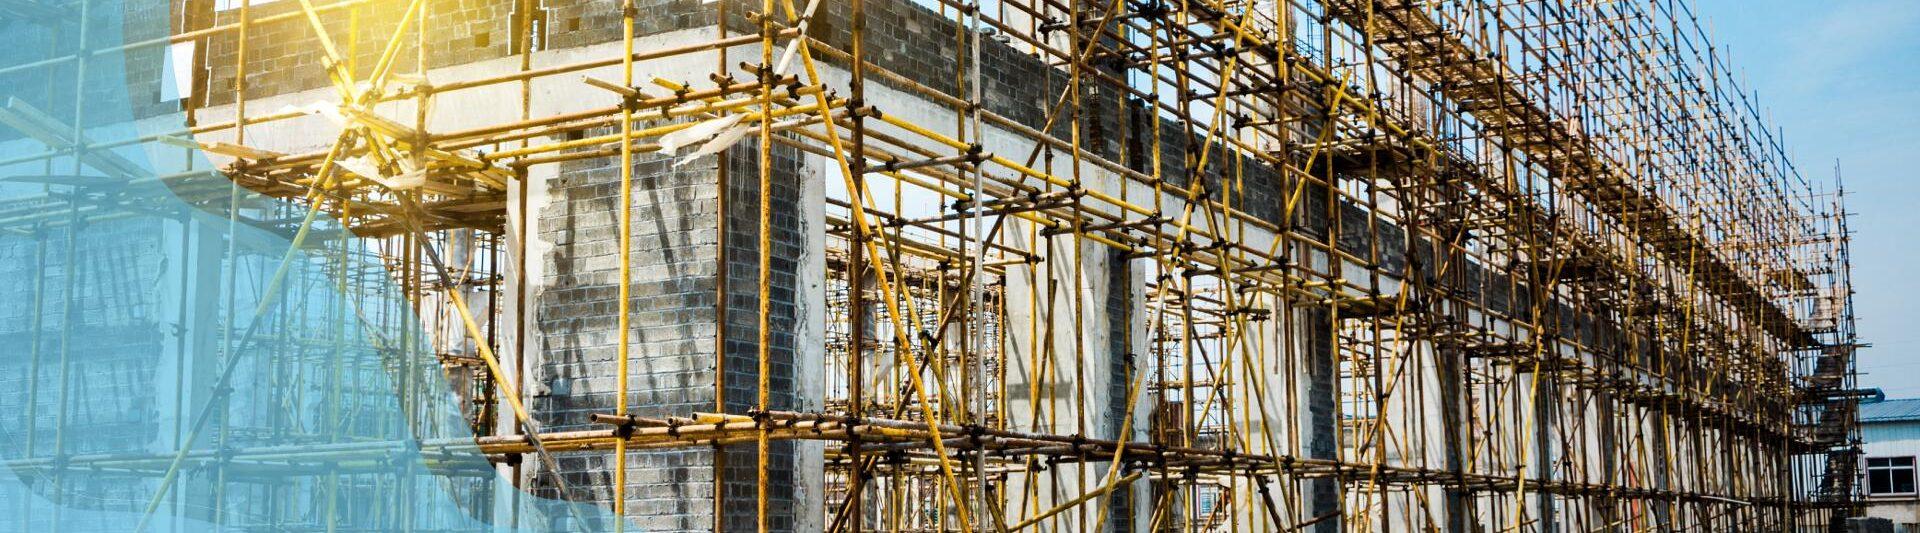 Projectontwikkelaars / bouwers / ingenieursbureaus